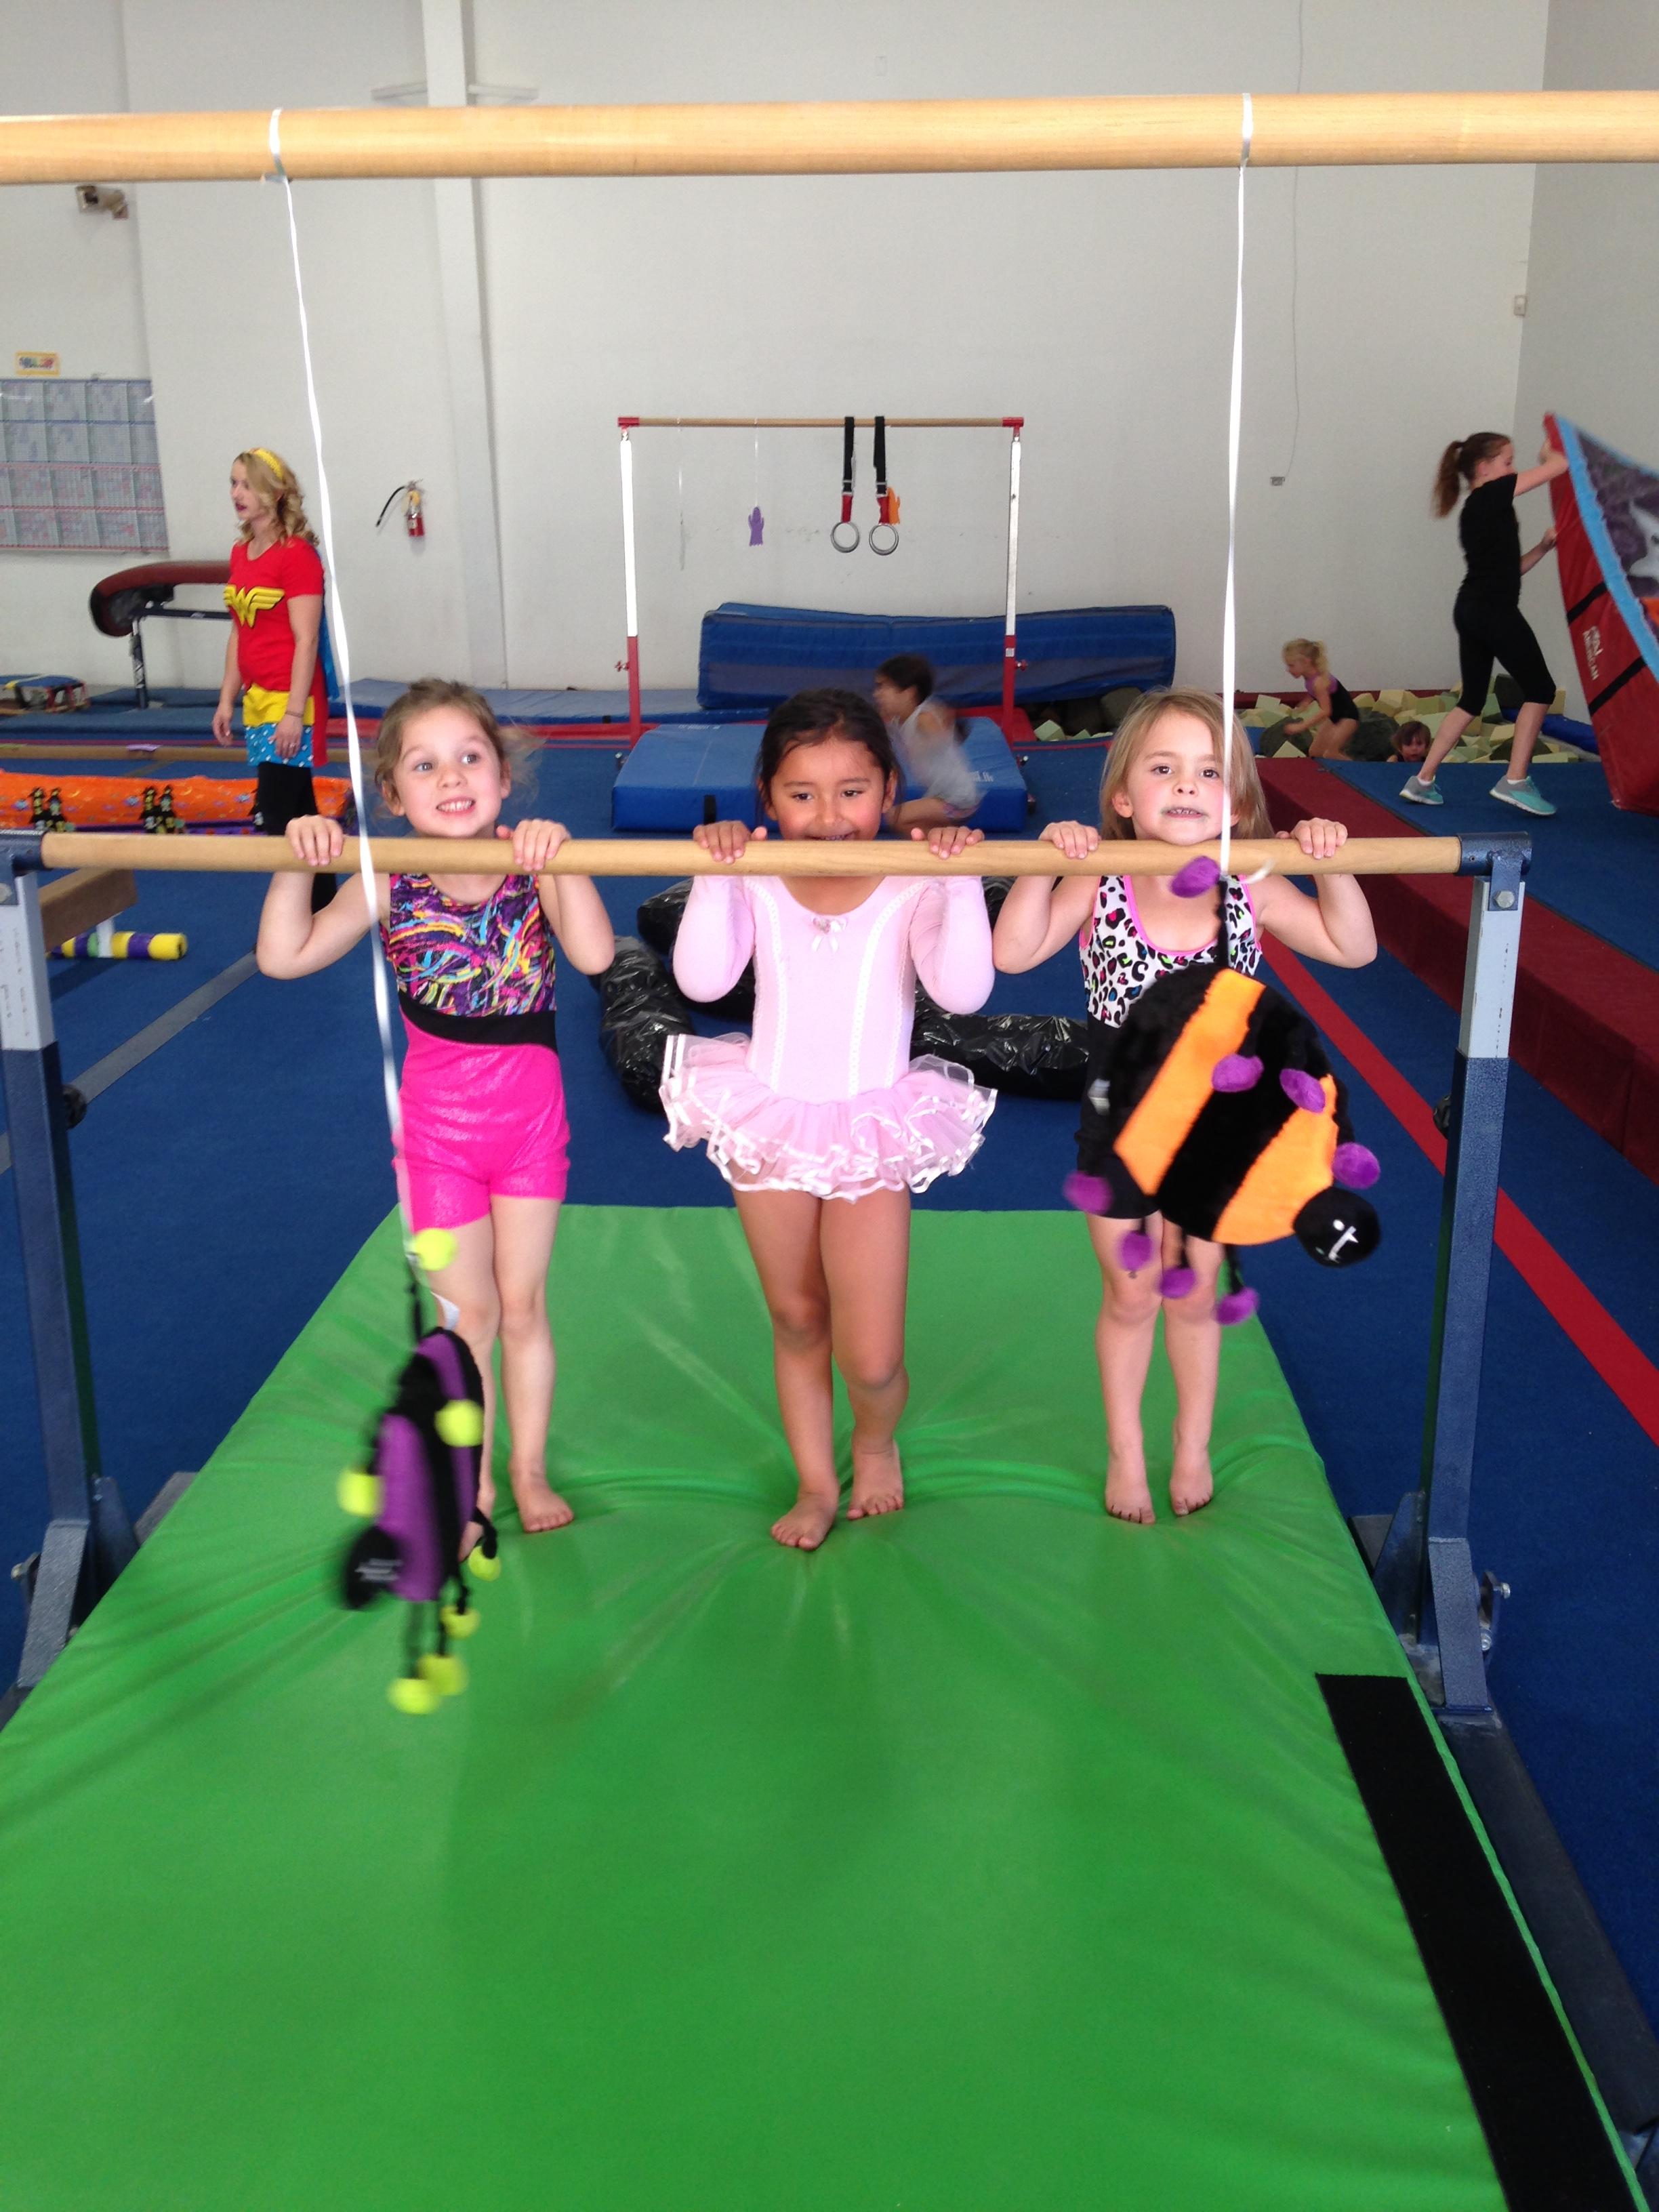 albuquerque gymnastics